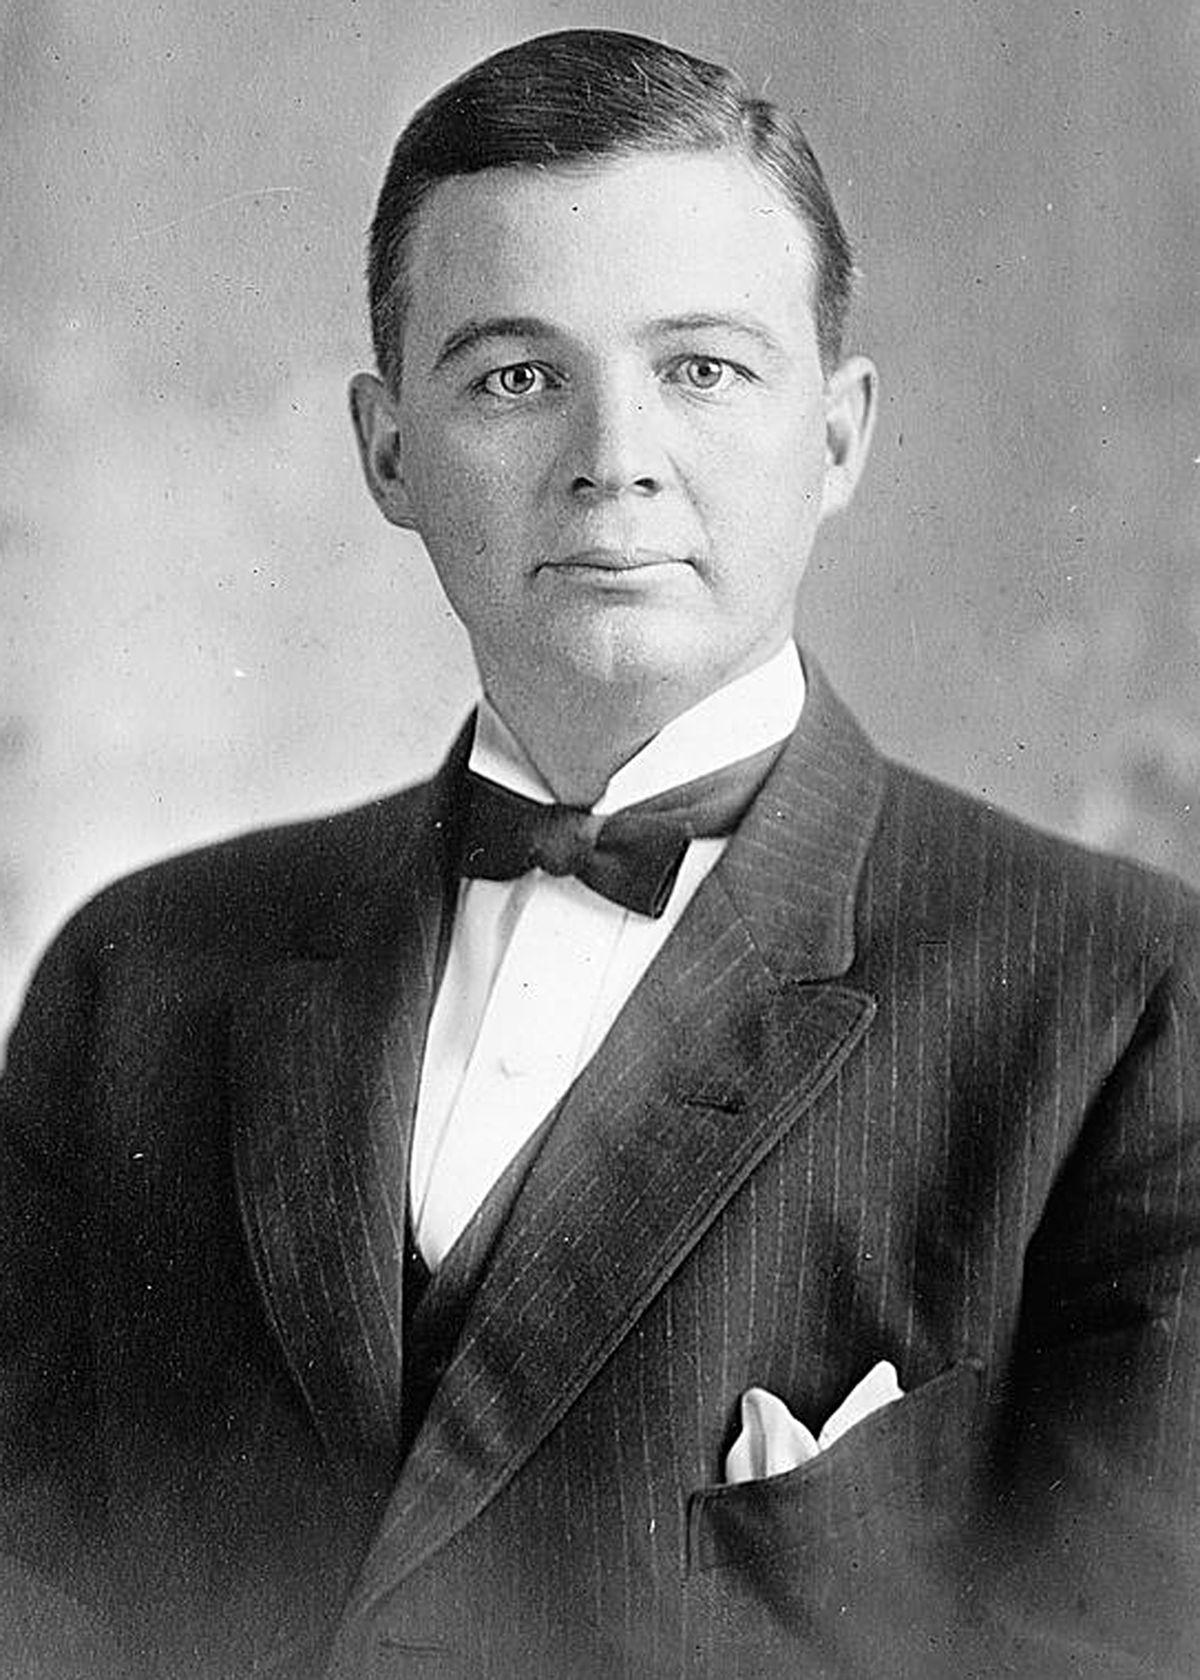 Dudley Doolittle - Wikipedia